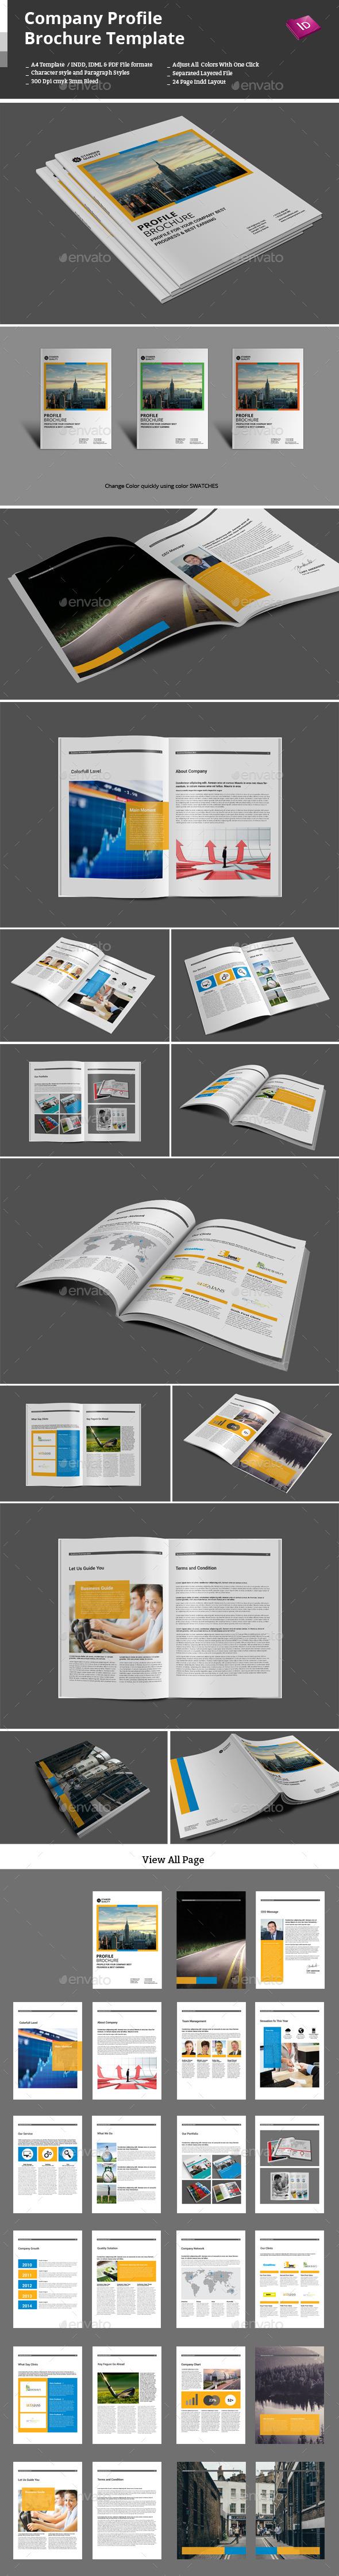 GraphicRiver Company Profile Brochure Template 9664535